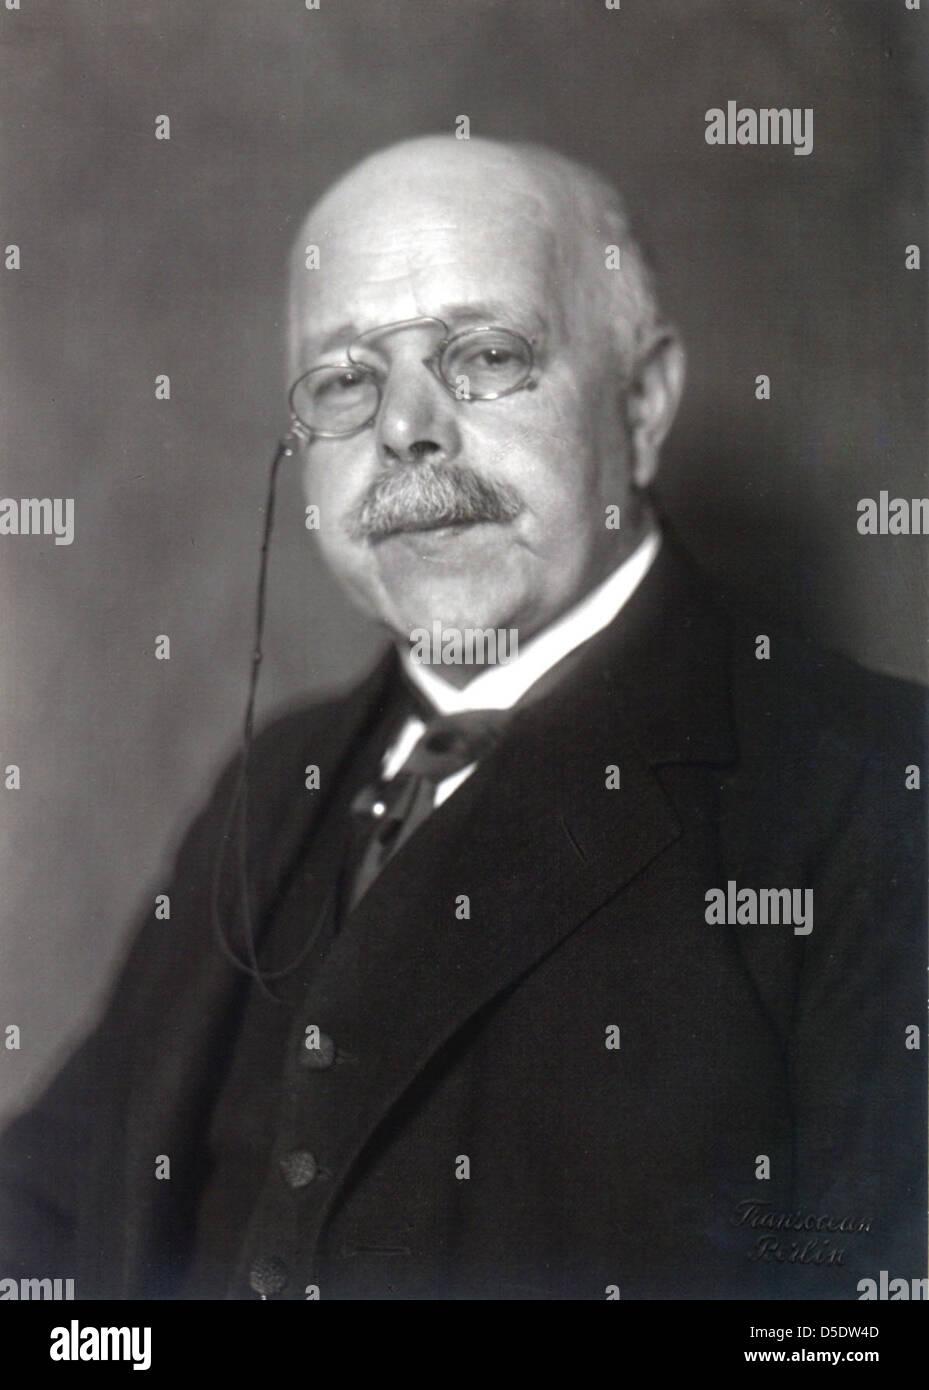 Walter Nernst